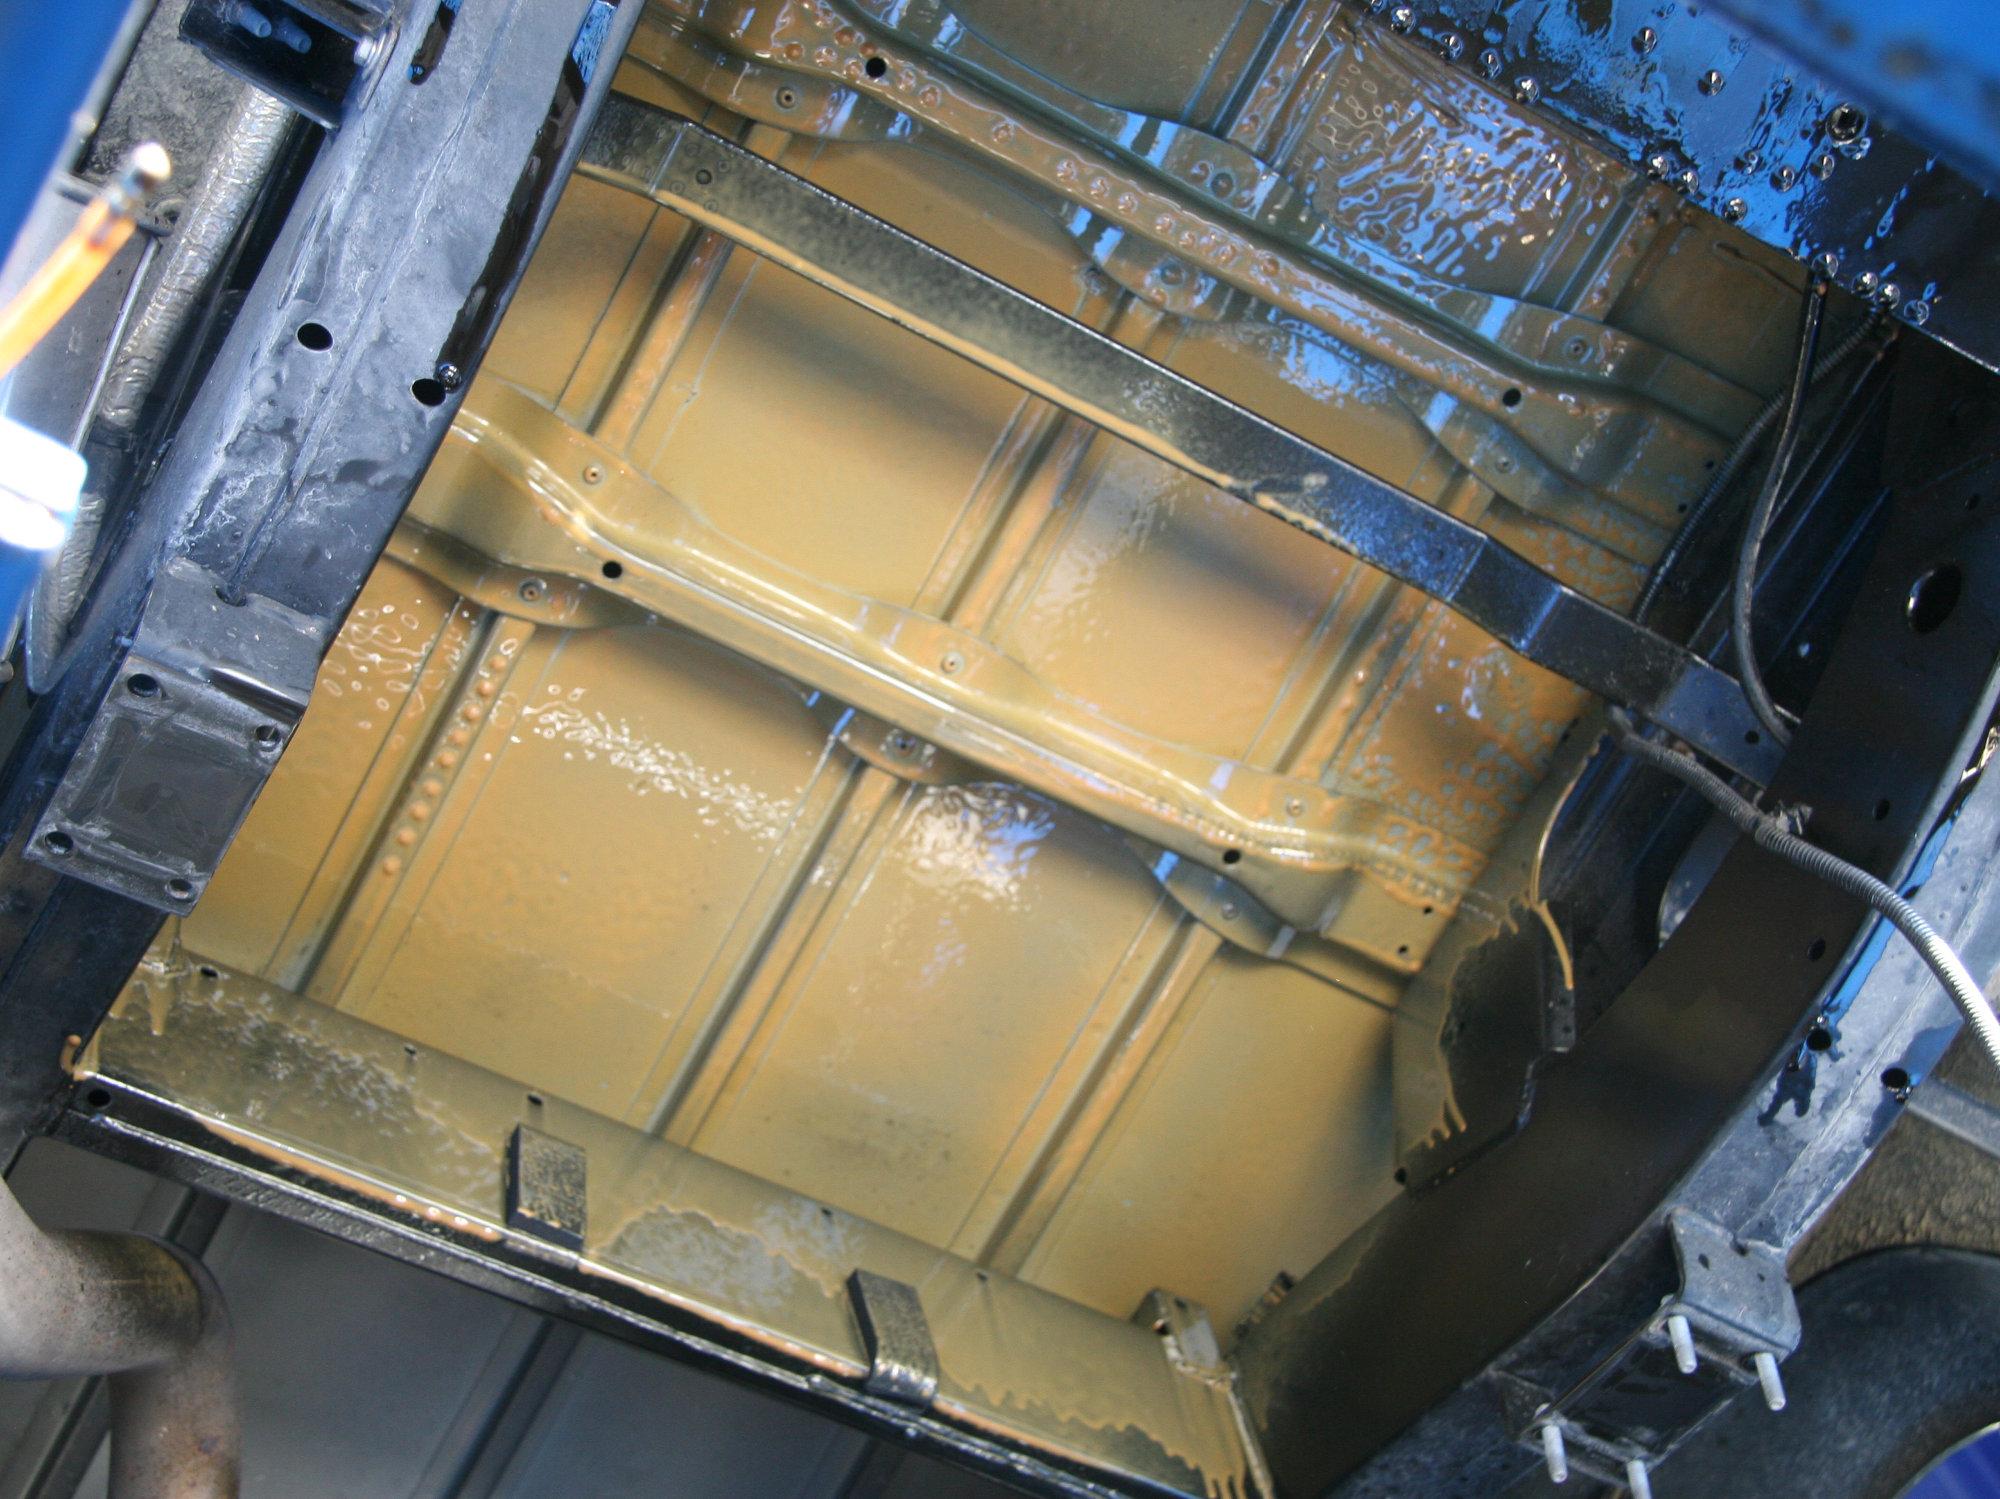 Um die Tankentnahmesonde zu setzen wird der Tank ausgebaut und in einem Aufwasch der Laderaumboden versiegelt